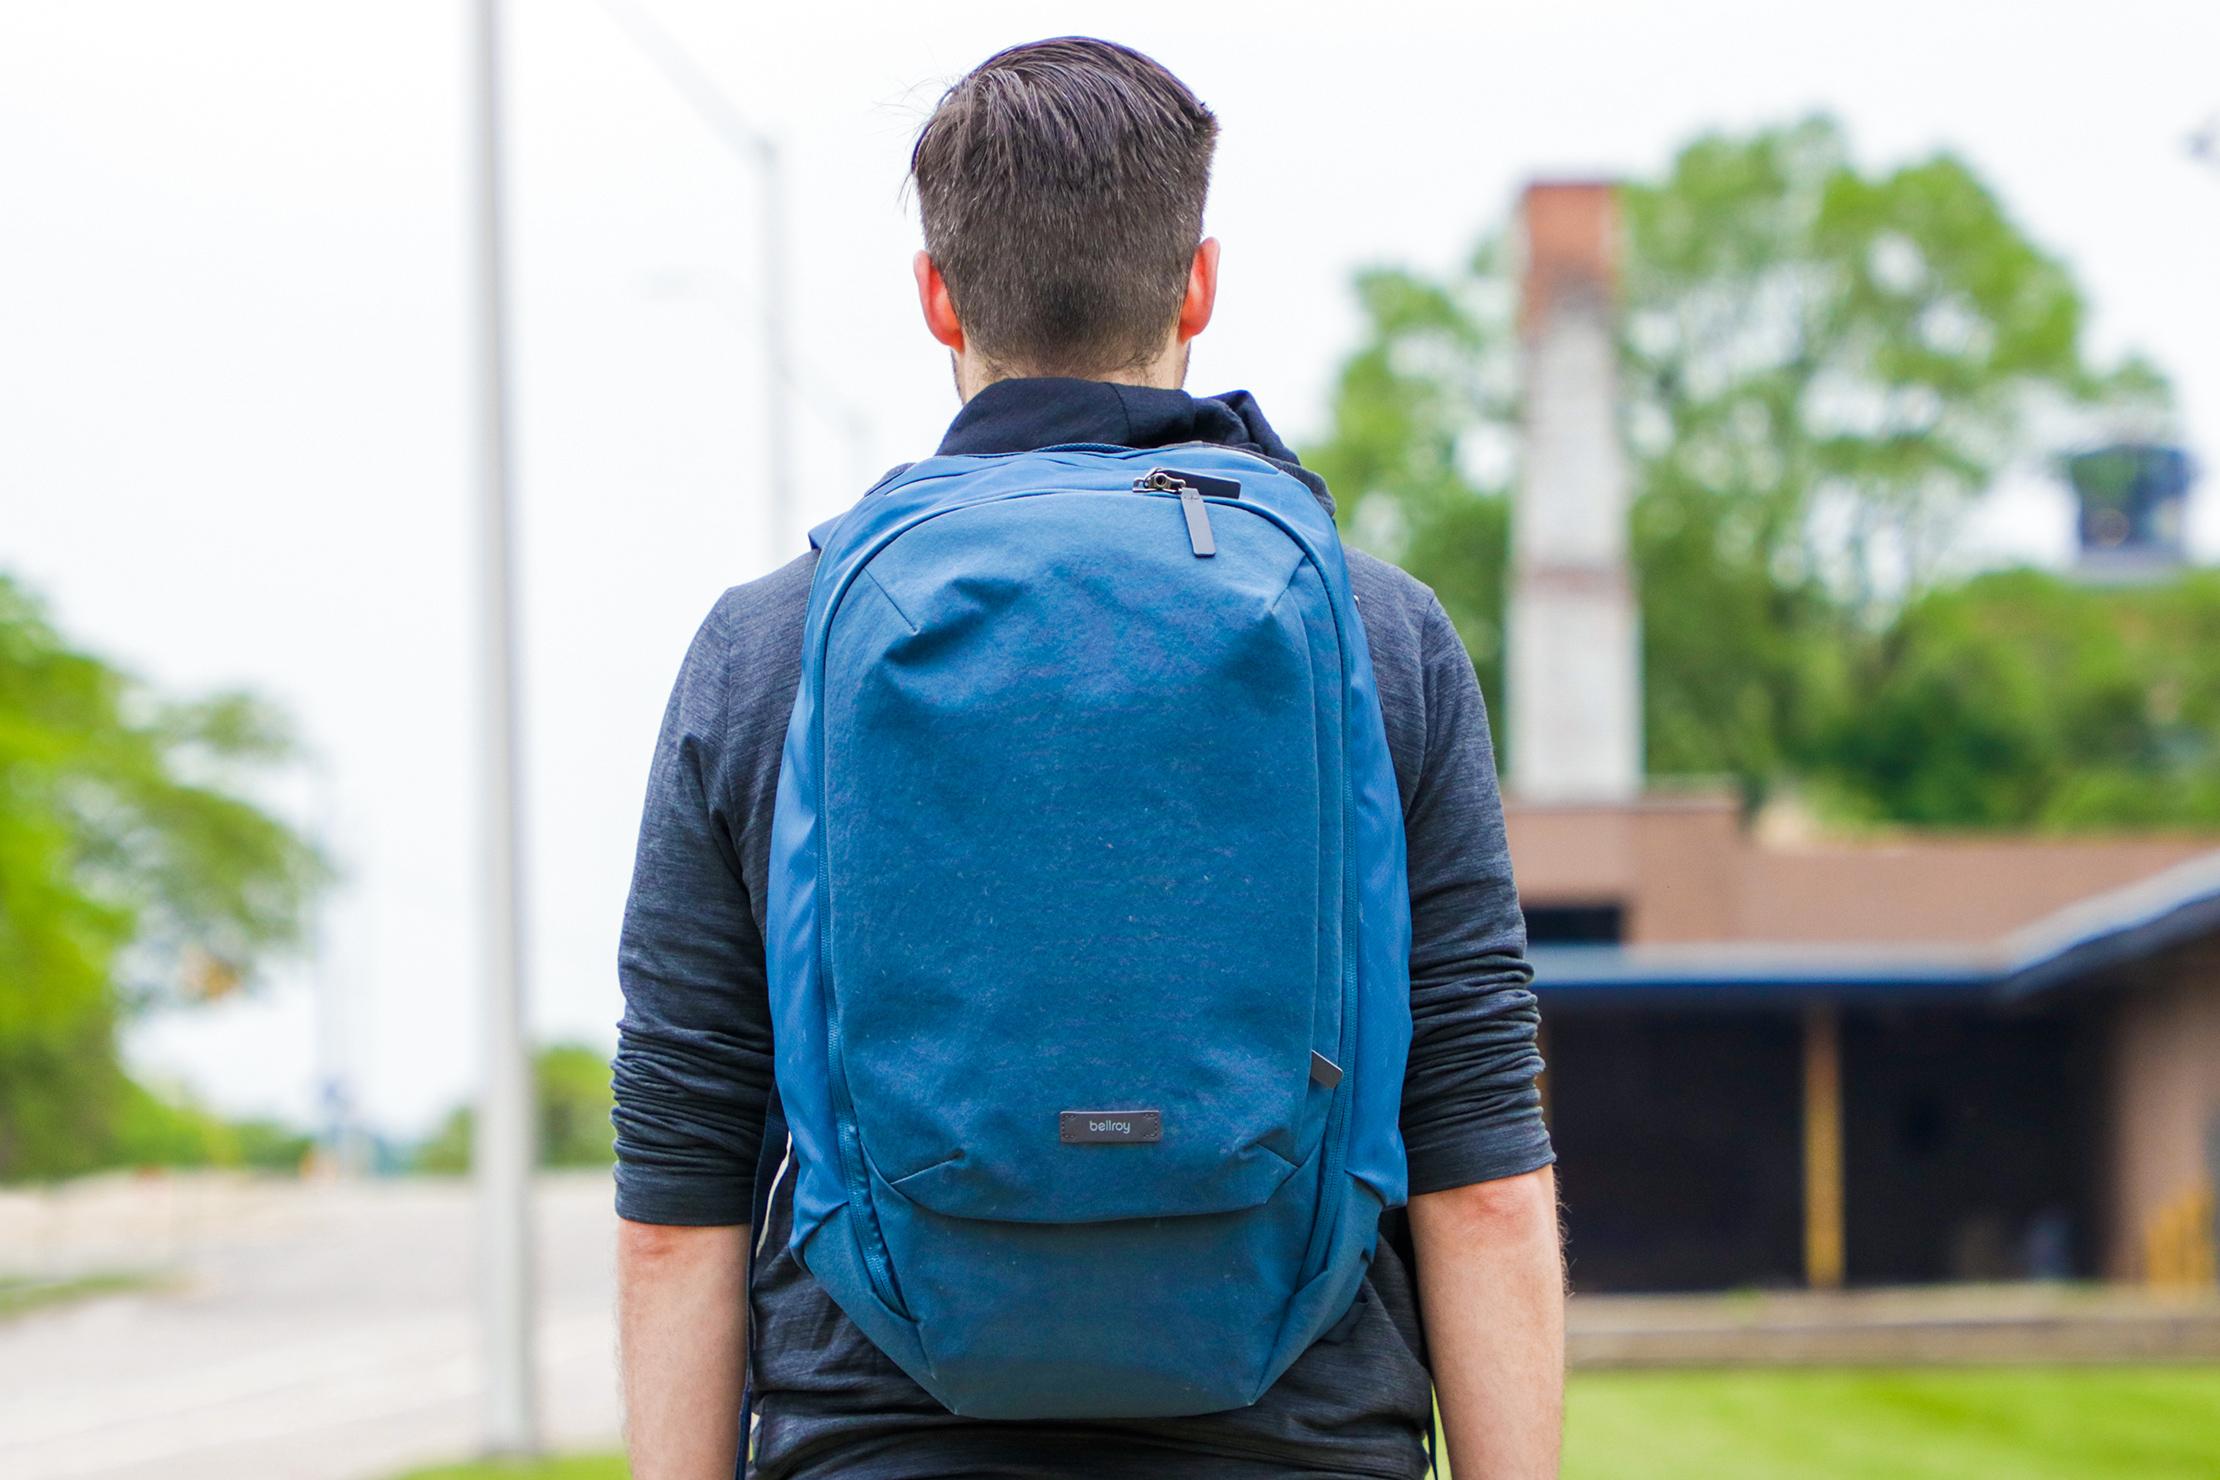 Bellroy Transit Backpack Plus Usage 2